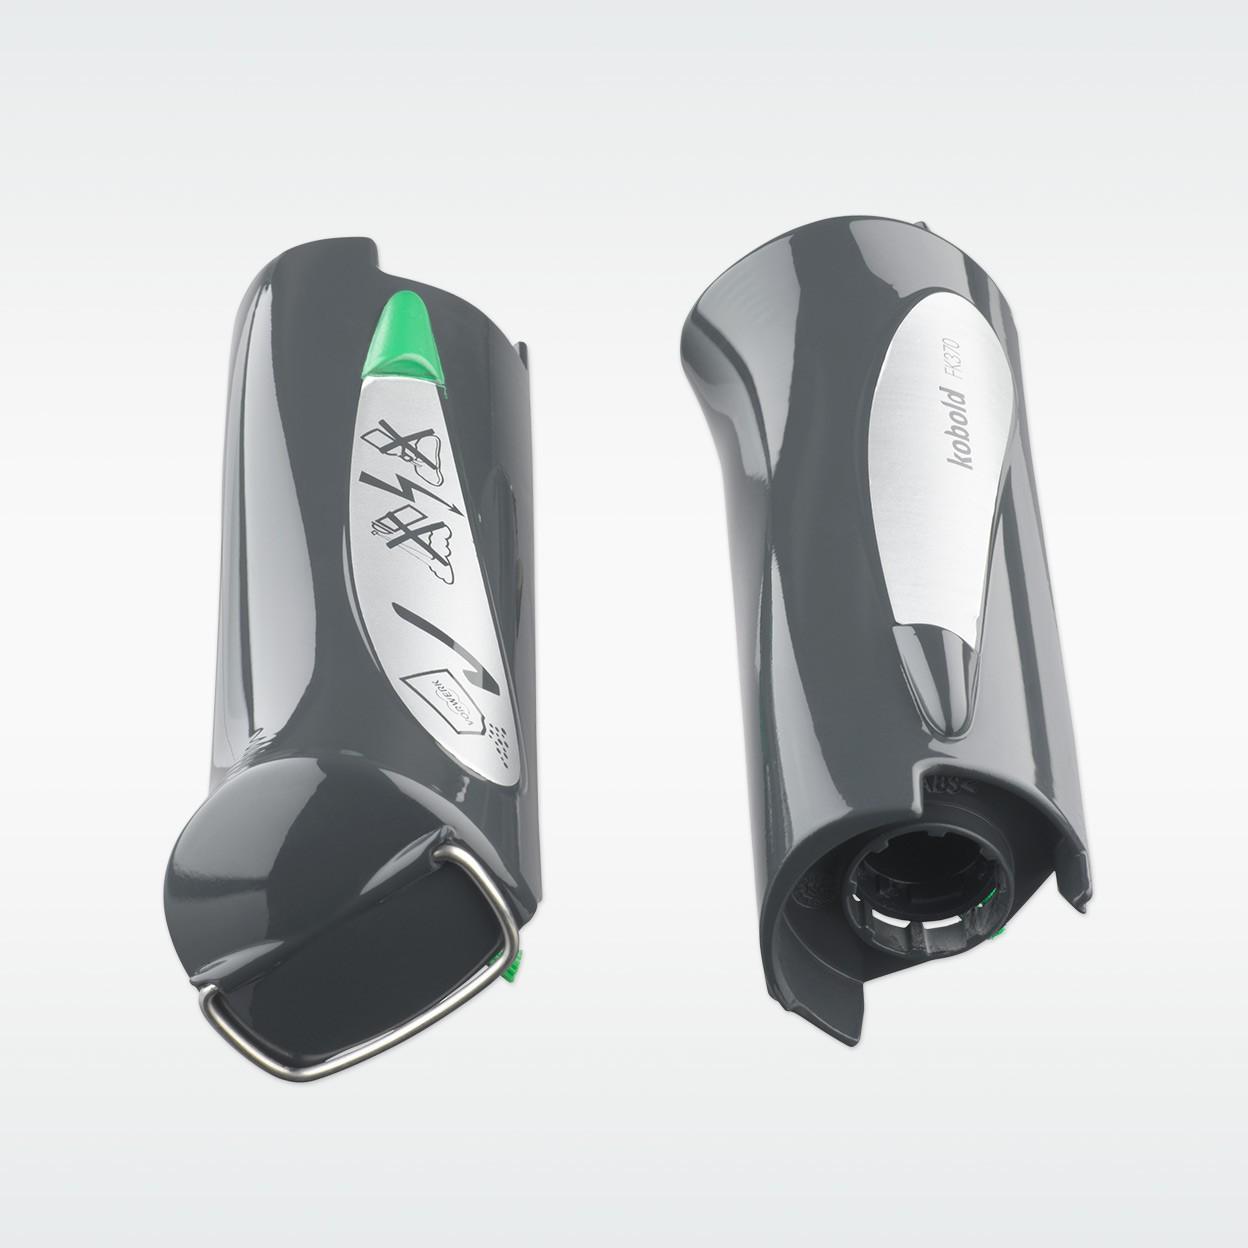 Dry Cleaning Brushes Amp Cassette 370 Vorwerk Vacuum